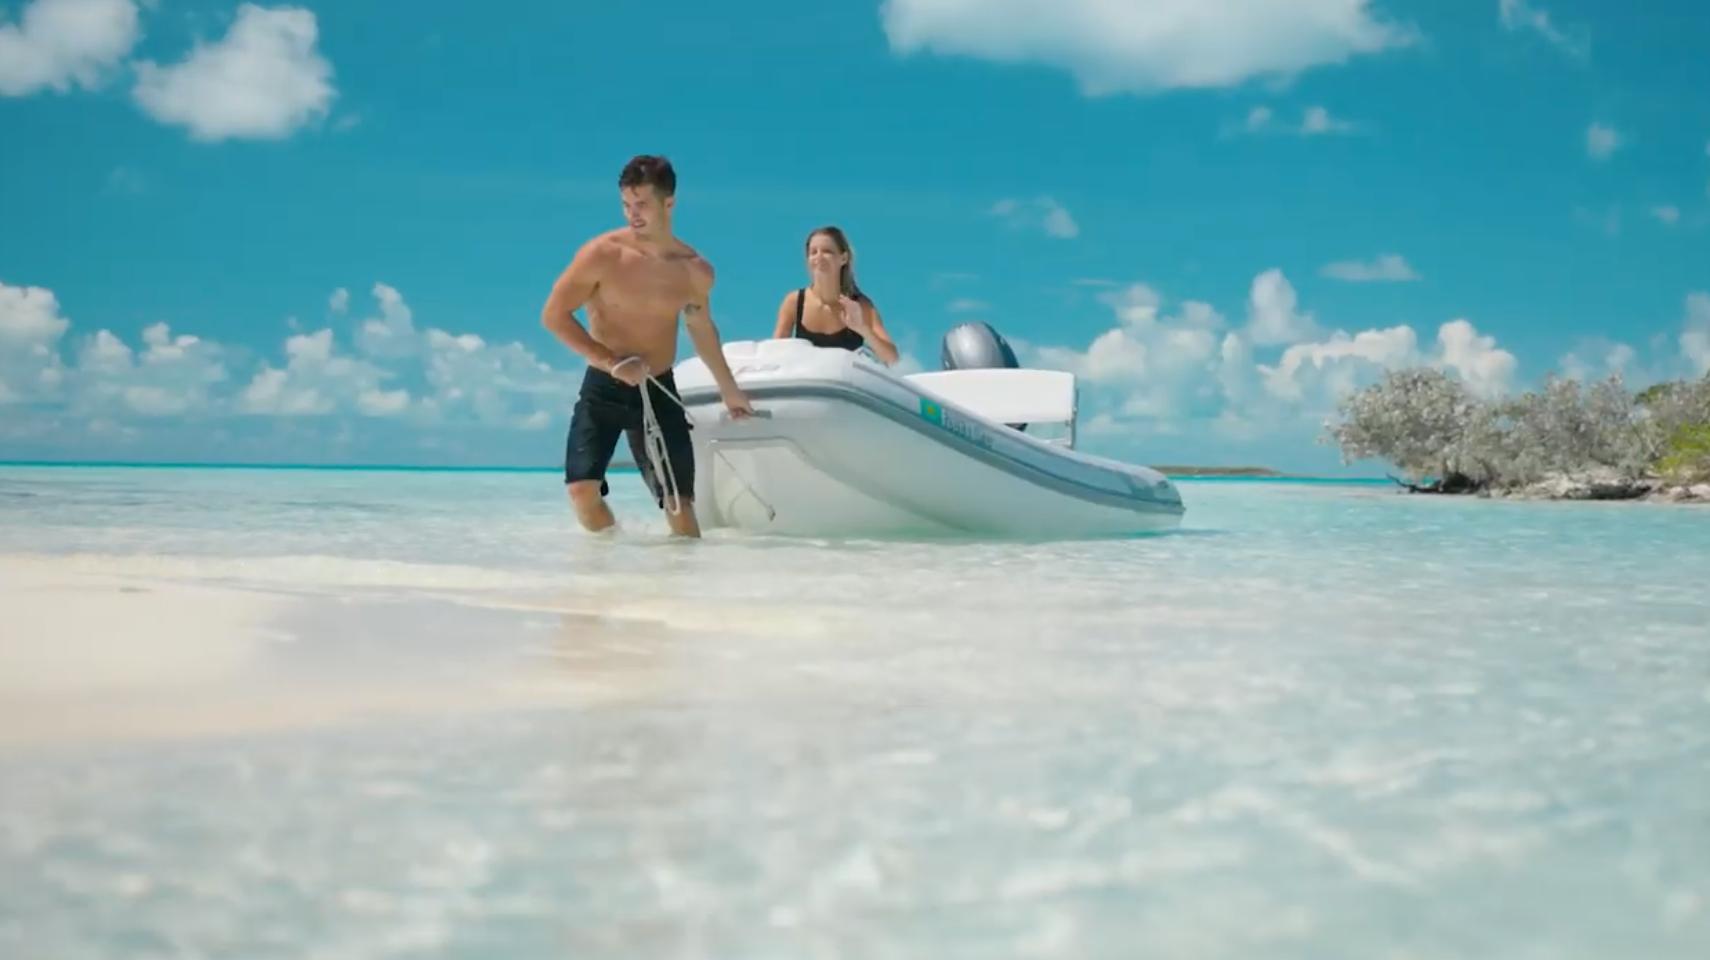 Captura%20de%20pantalla%20%20(2) - Lenny Kravitz nos invita a Evadirte y Soñar con Las Bahamas